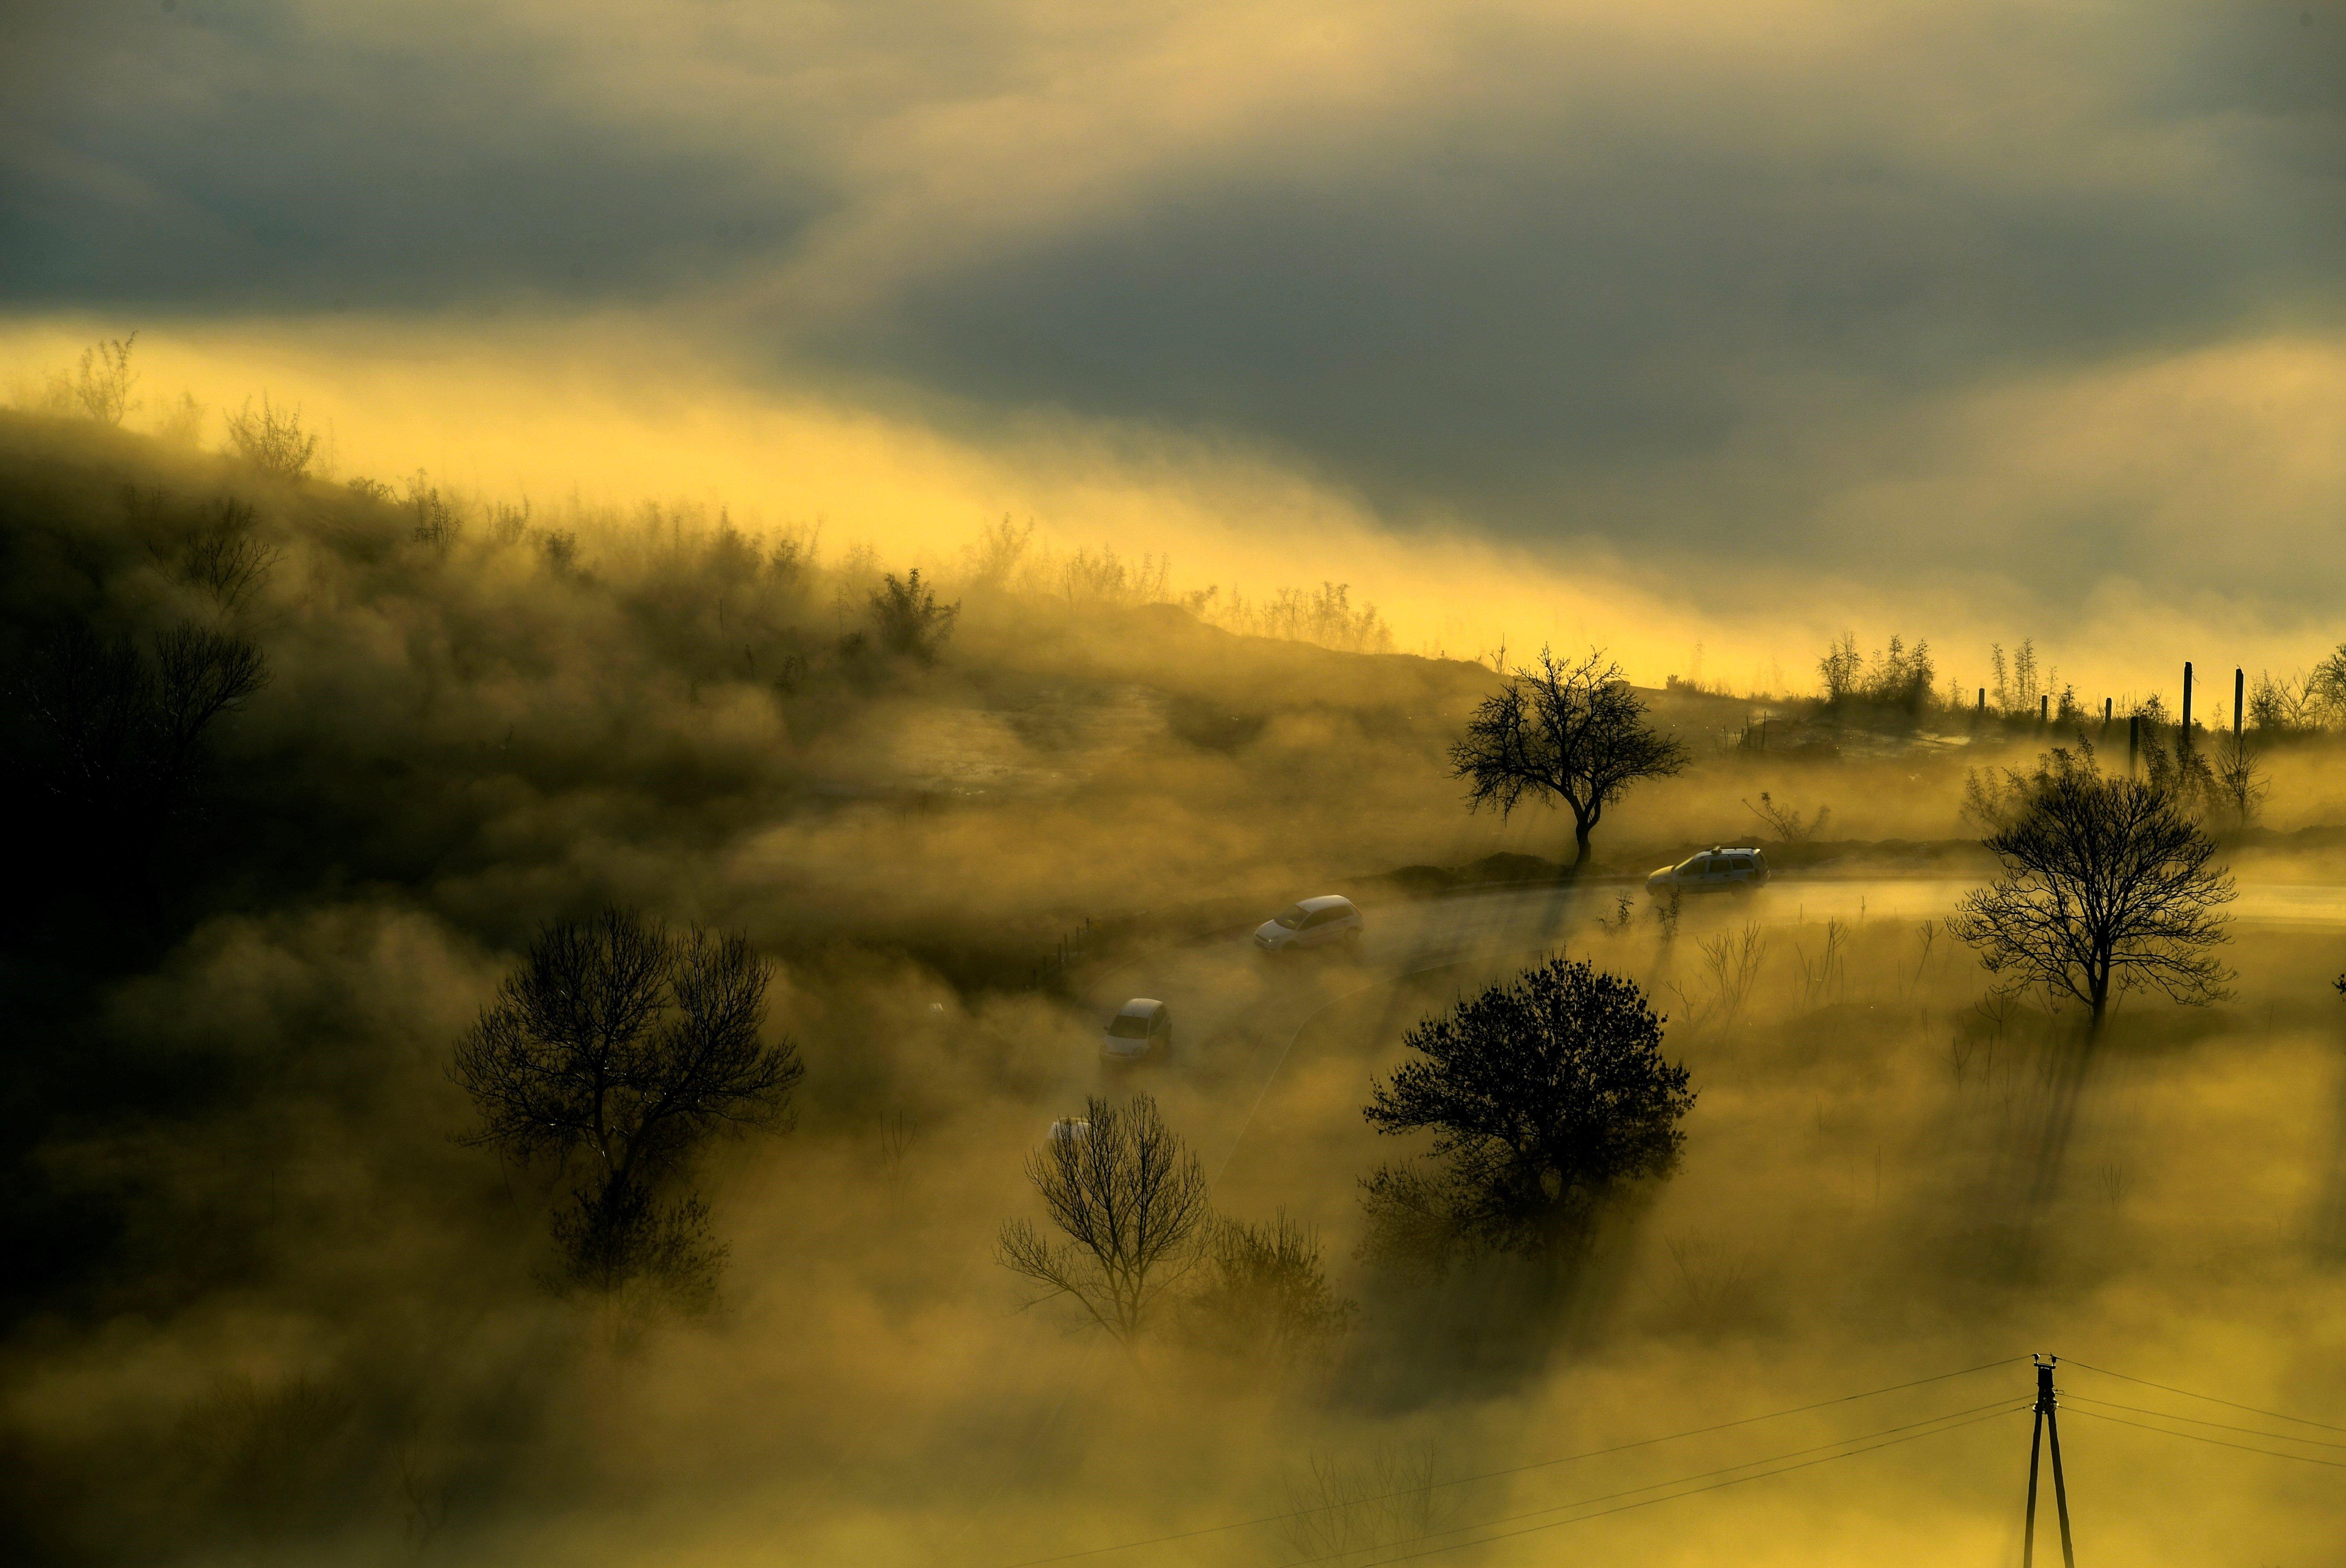 La boira i la contaminació que cobreixen la vall de Skopje A l'Antiga República Iugoslava de Macedònia. /GEORGI LICOVSKI